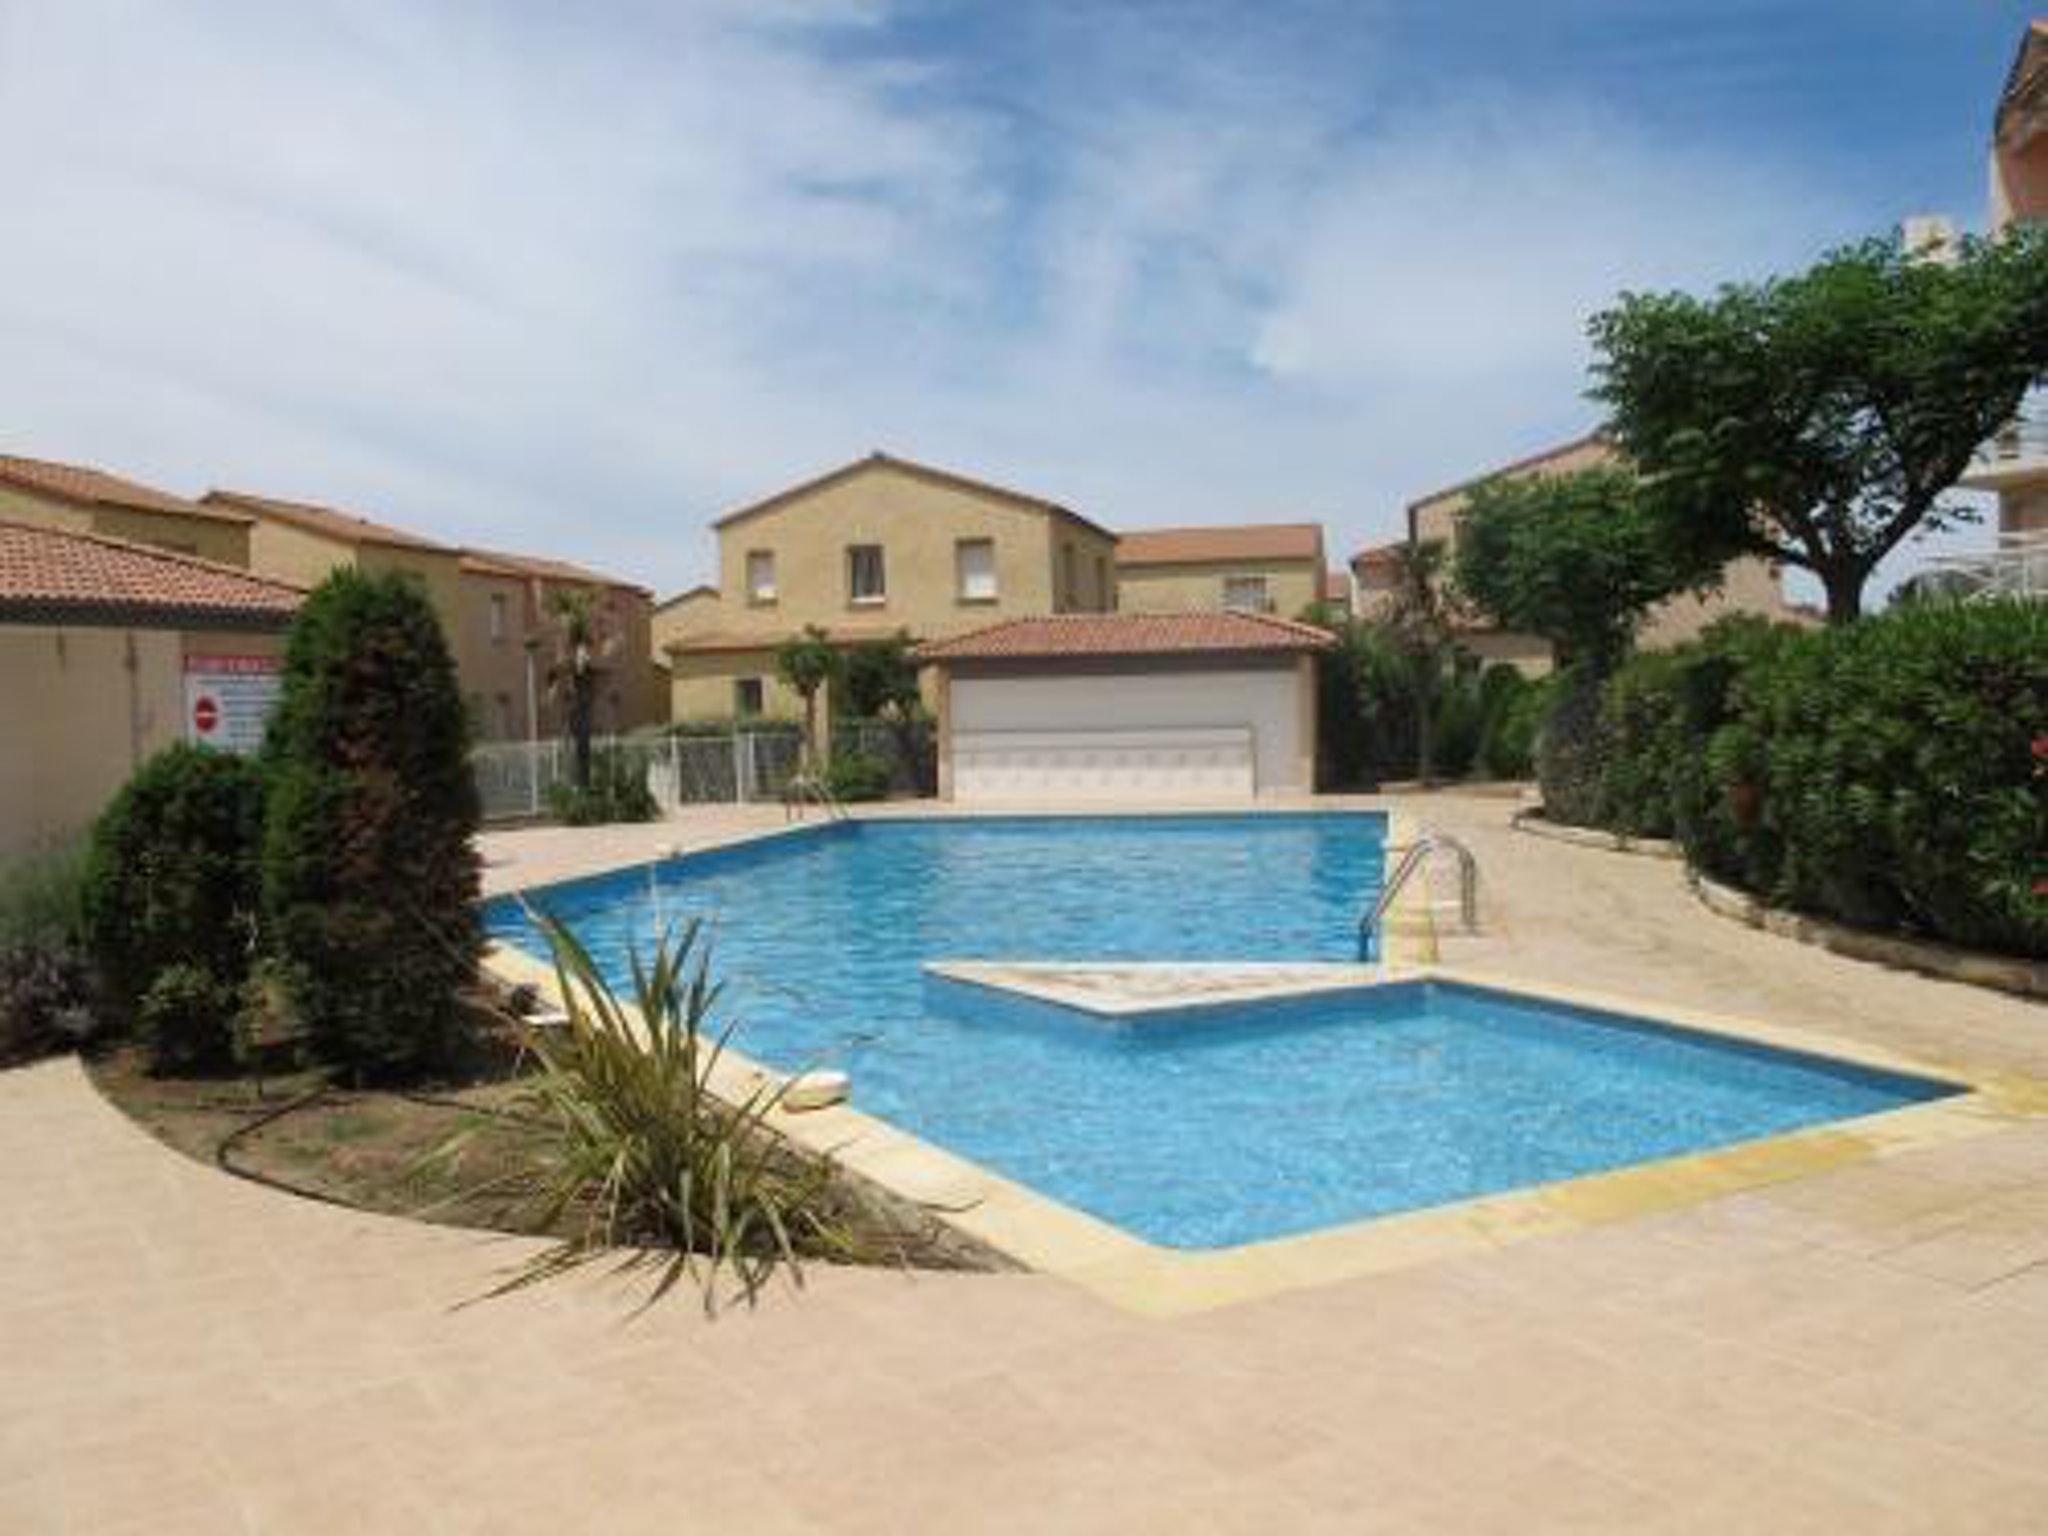 Ferienhaus Villa mit 2 Zimmern in Valras-Plage mit Pool und eingezäuntem Garten - 50 m vom Strand ent (2218190), Valras Plage, Mittelmeerküste Hérault, Languedoc-Roussillon, Frankreich, Bild 1